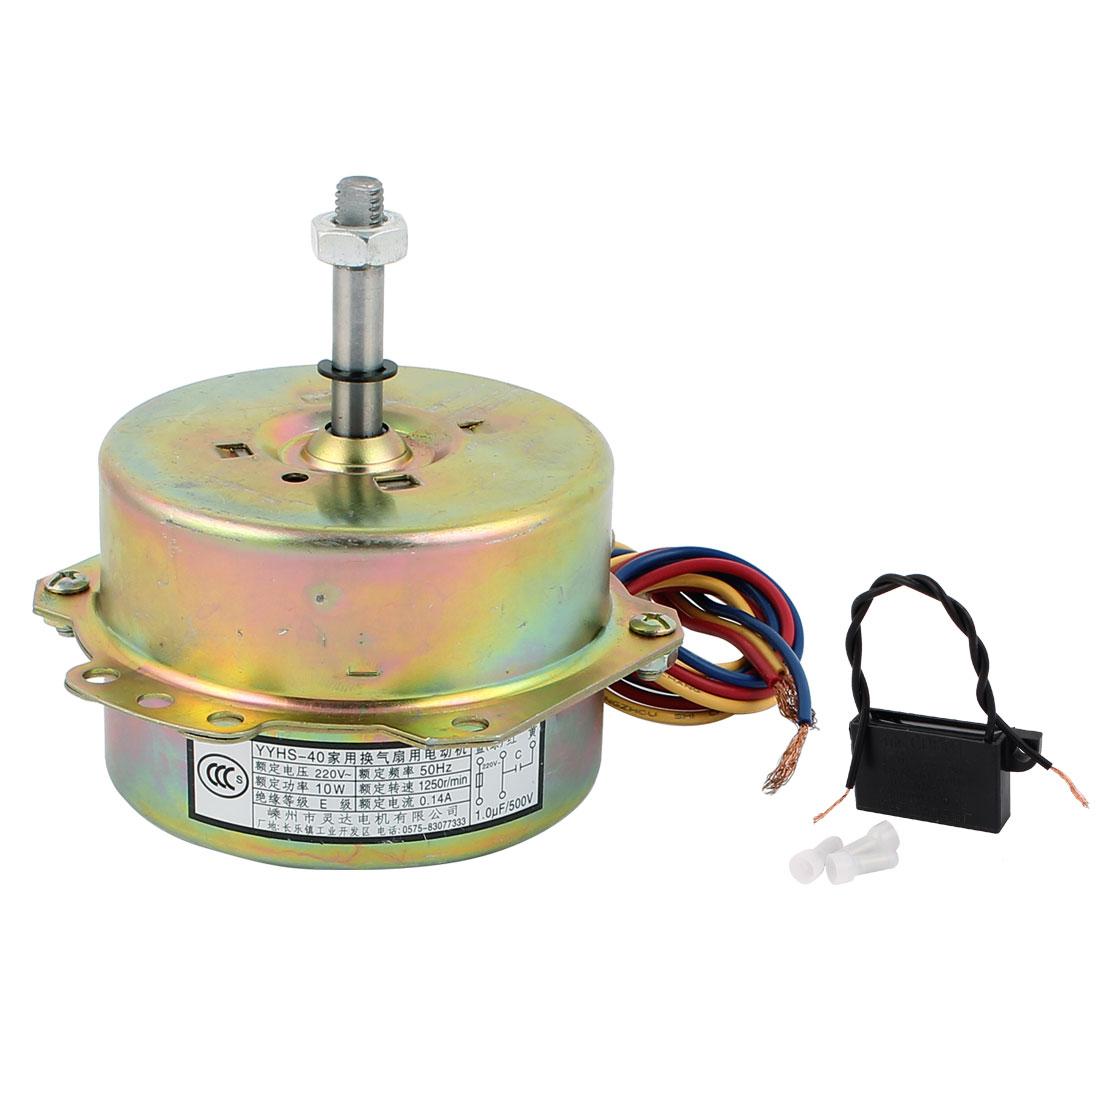 AC 220V 0.14A 10W 1250RPM 8mmx40mm Home Electric Ventilator Fan Motor